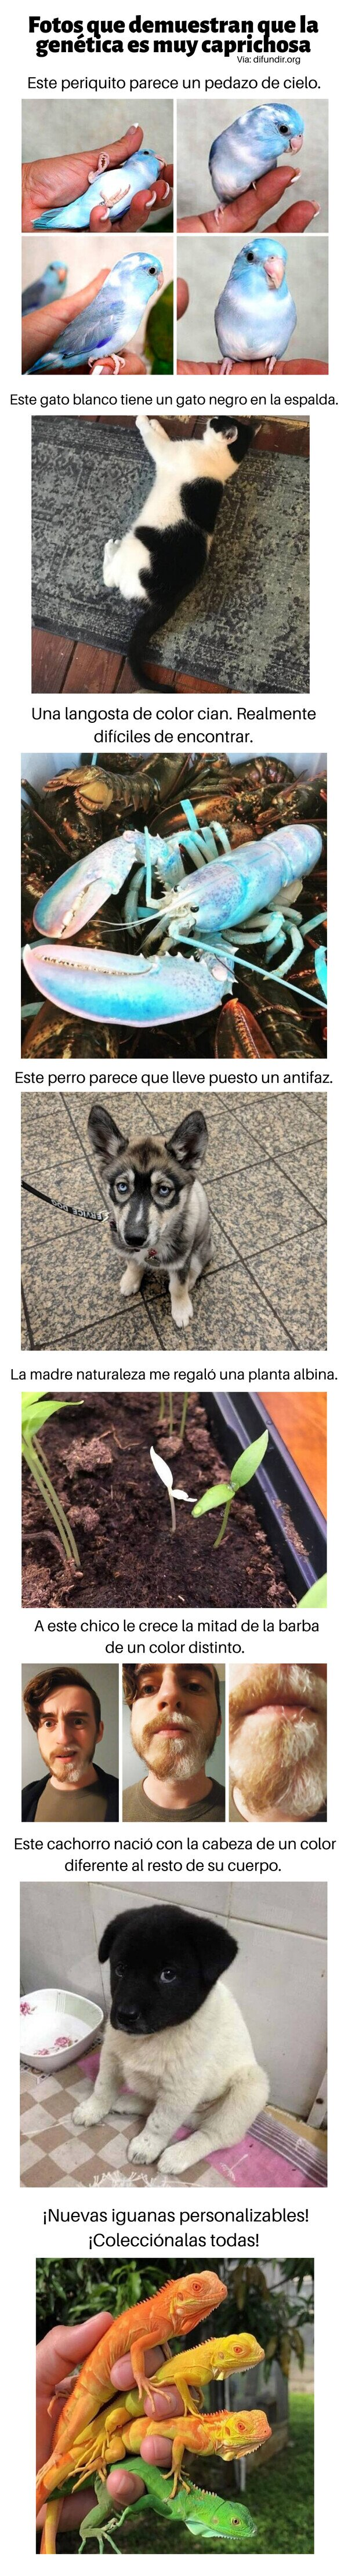 animales,genética,humanos,plantas